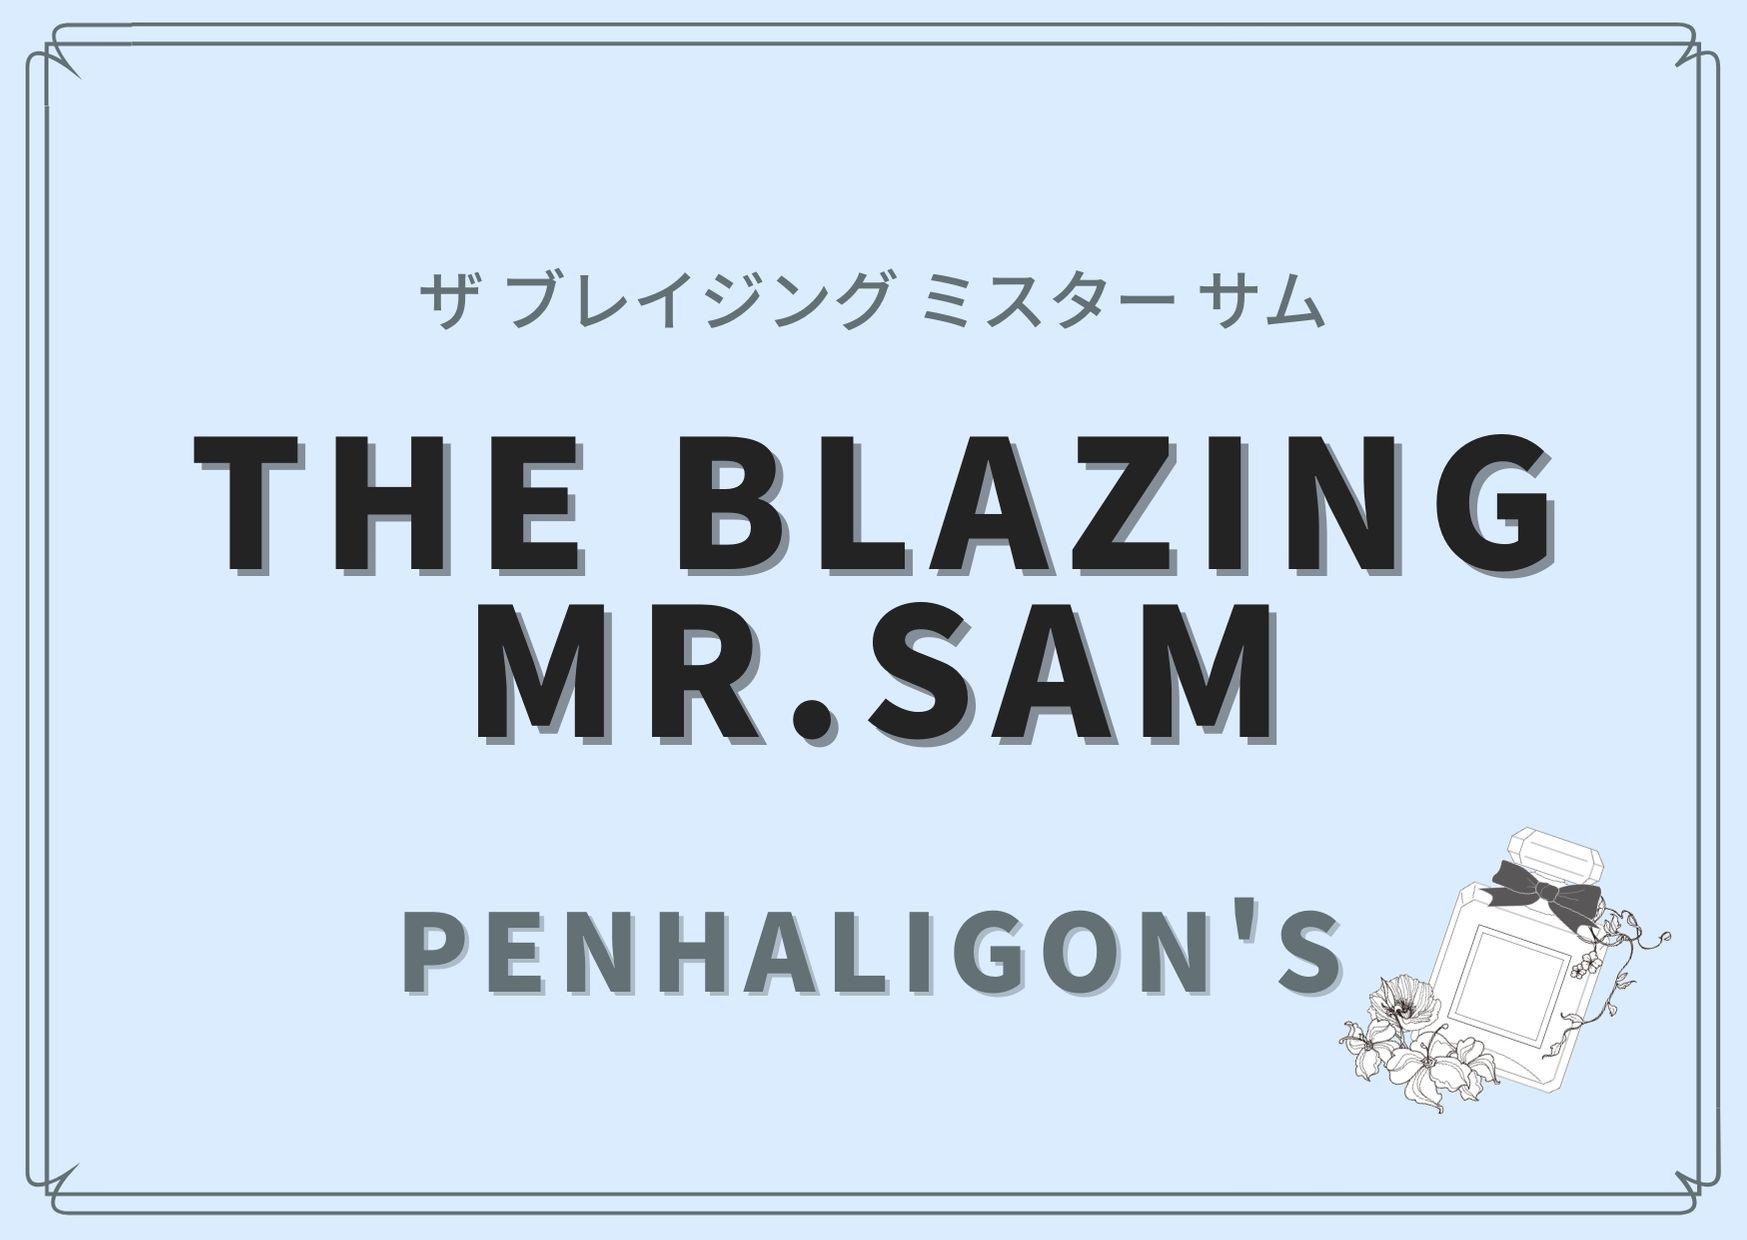 THE BLAZING MR.SAM(ザ ブレイジング ミスター サム)/PENHALIGON'S(ペンハリガン)